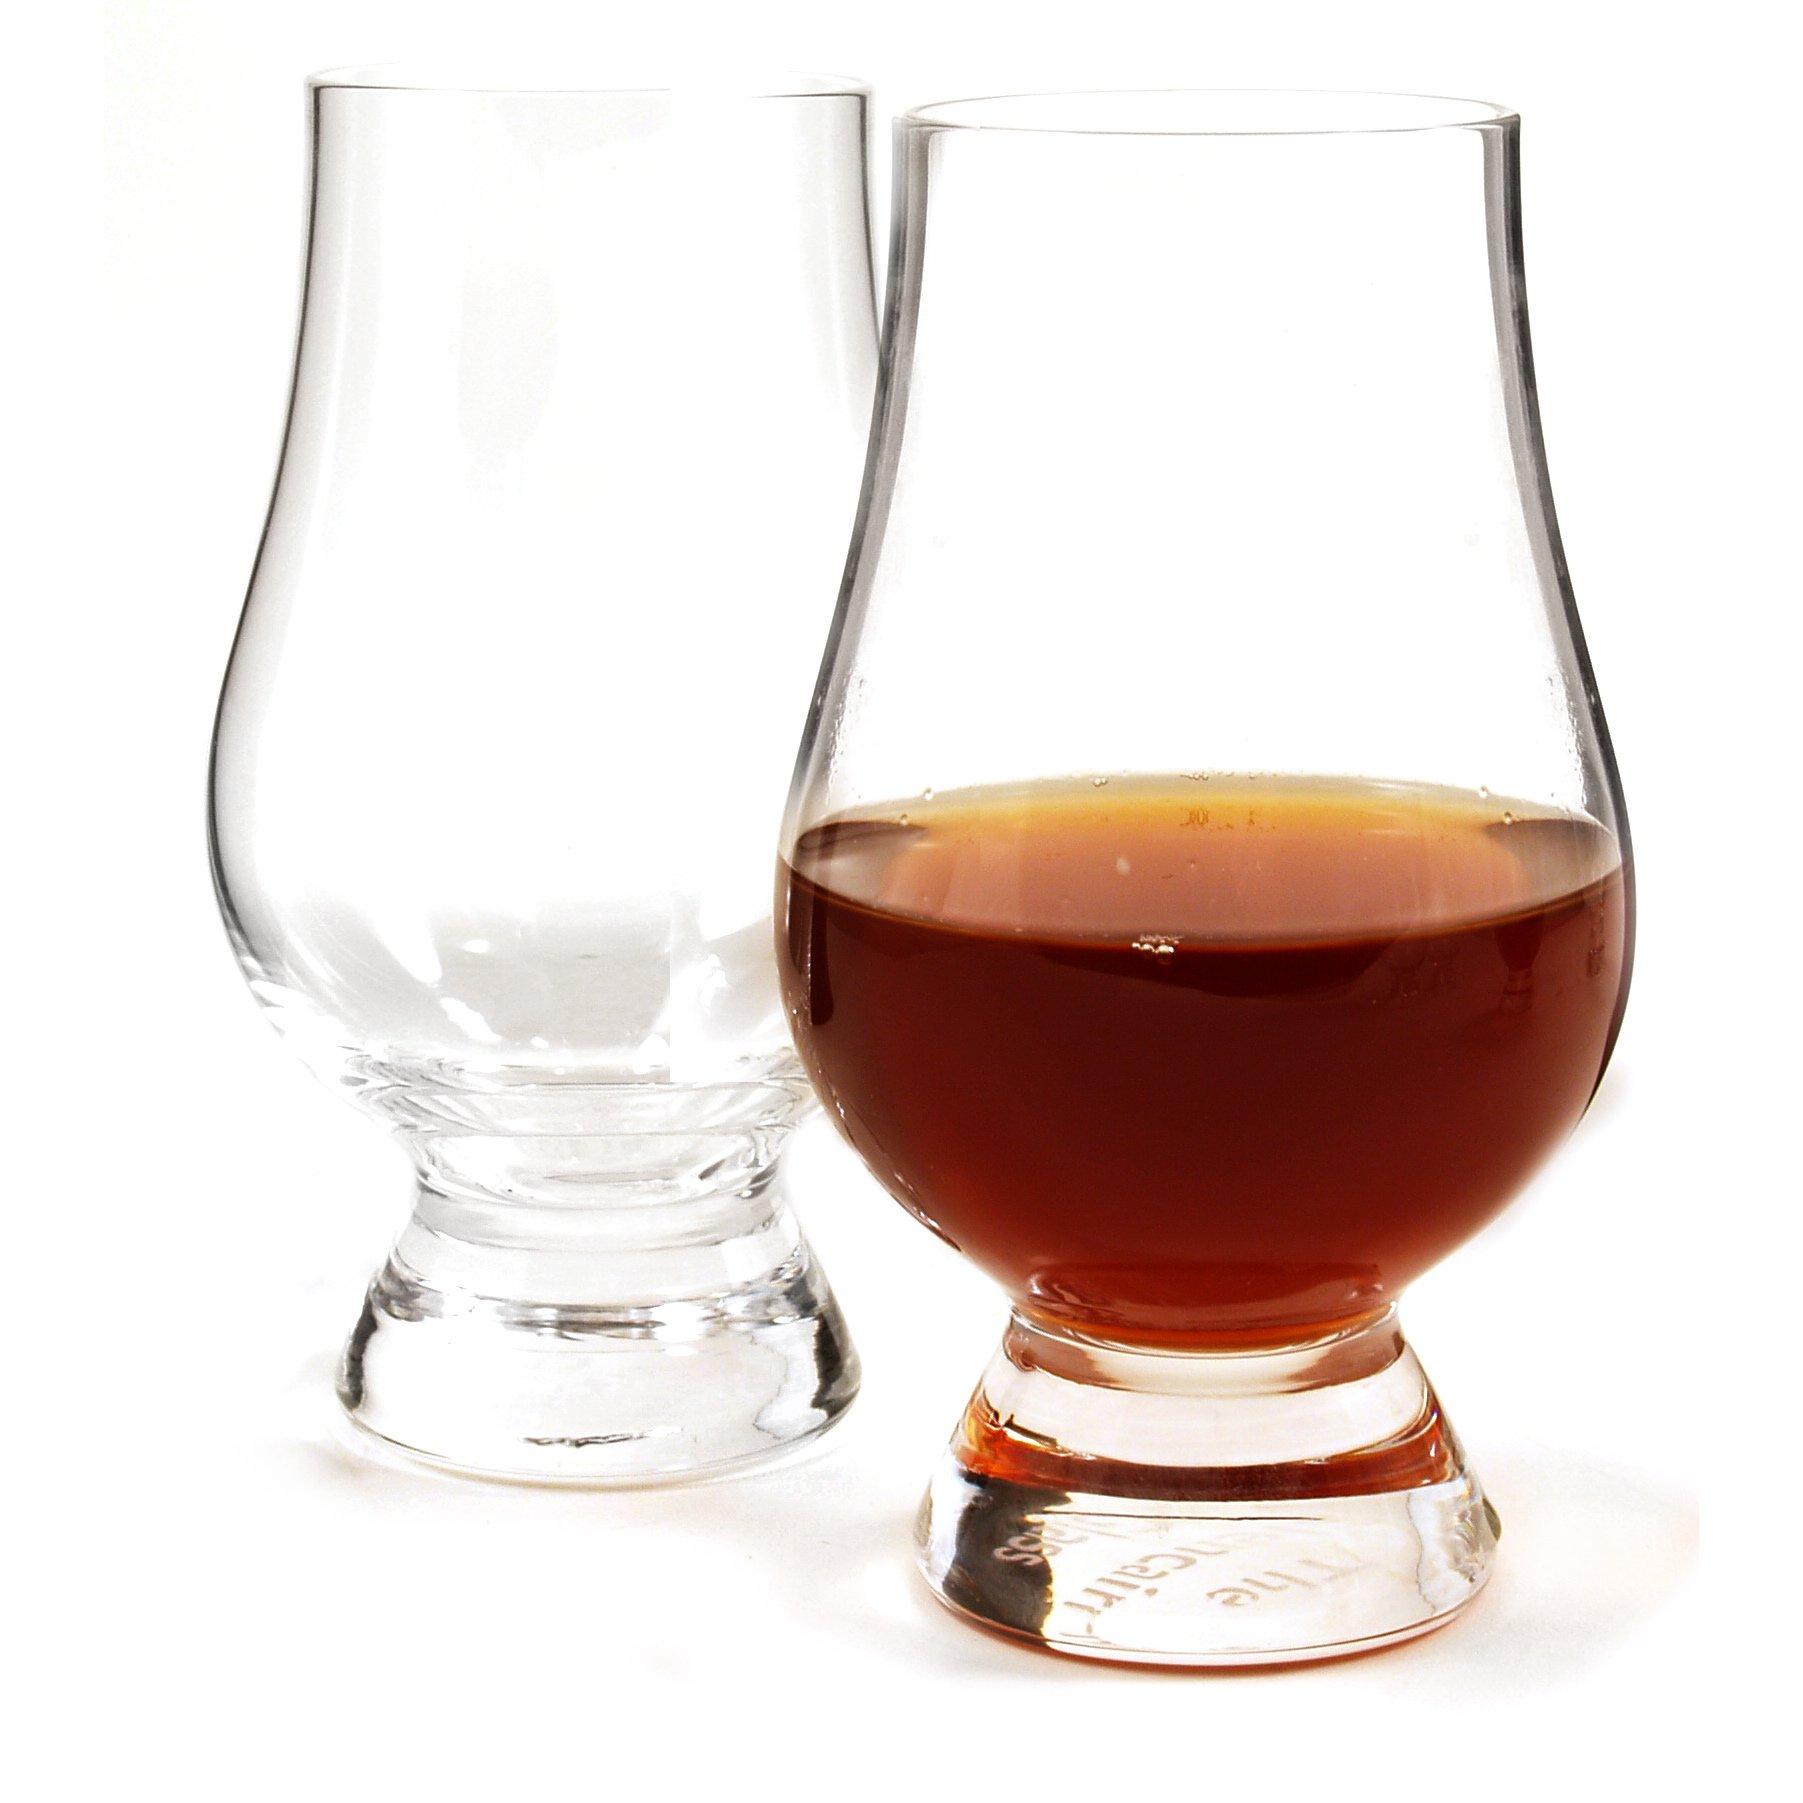 Glencairn Crystal Whiskey Glass, Set of 2